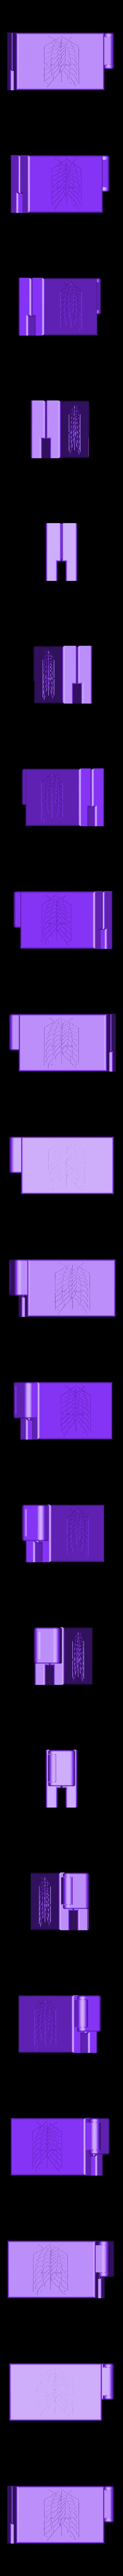 aotwallet.stl Télécharger fichier STL gratuit Video Game / Anime Themed Wallets • Objet pour imprimante 3D, ChrisBobo